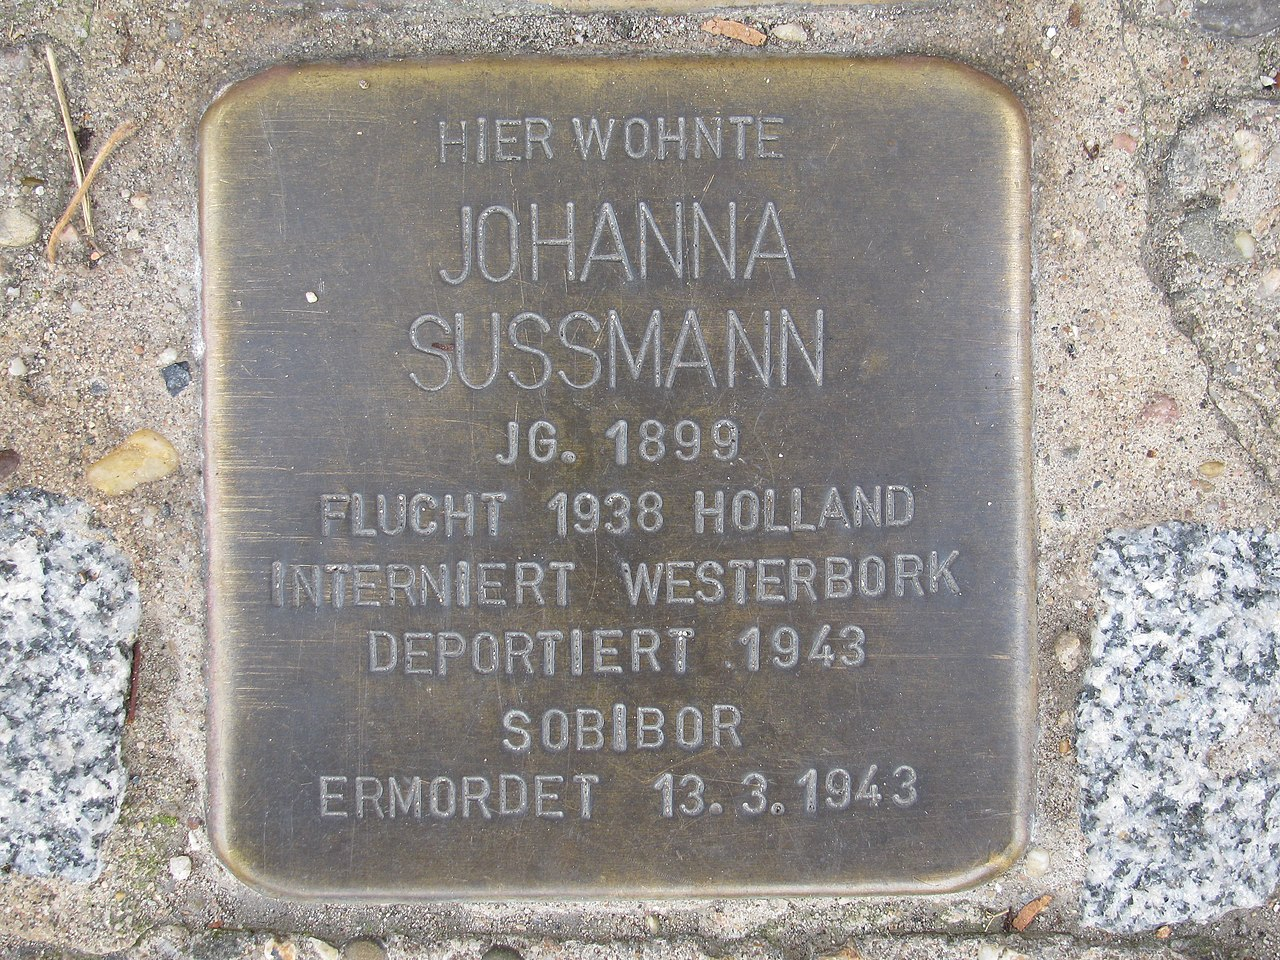 der Stolperstein für Johanna Sussmann